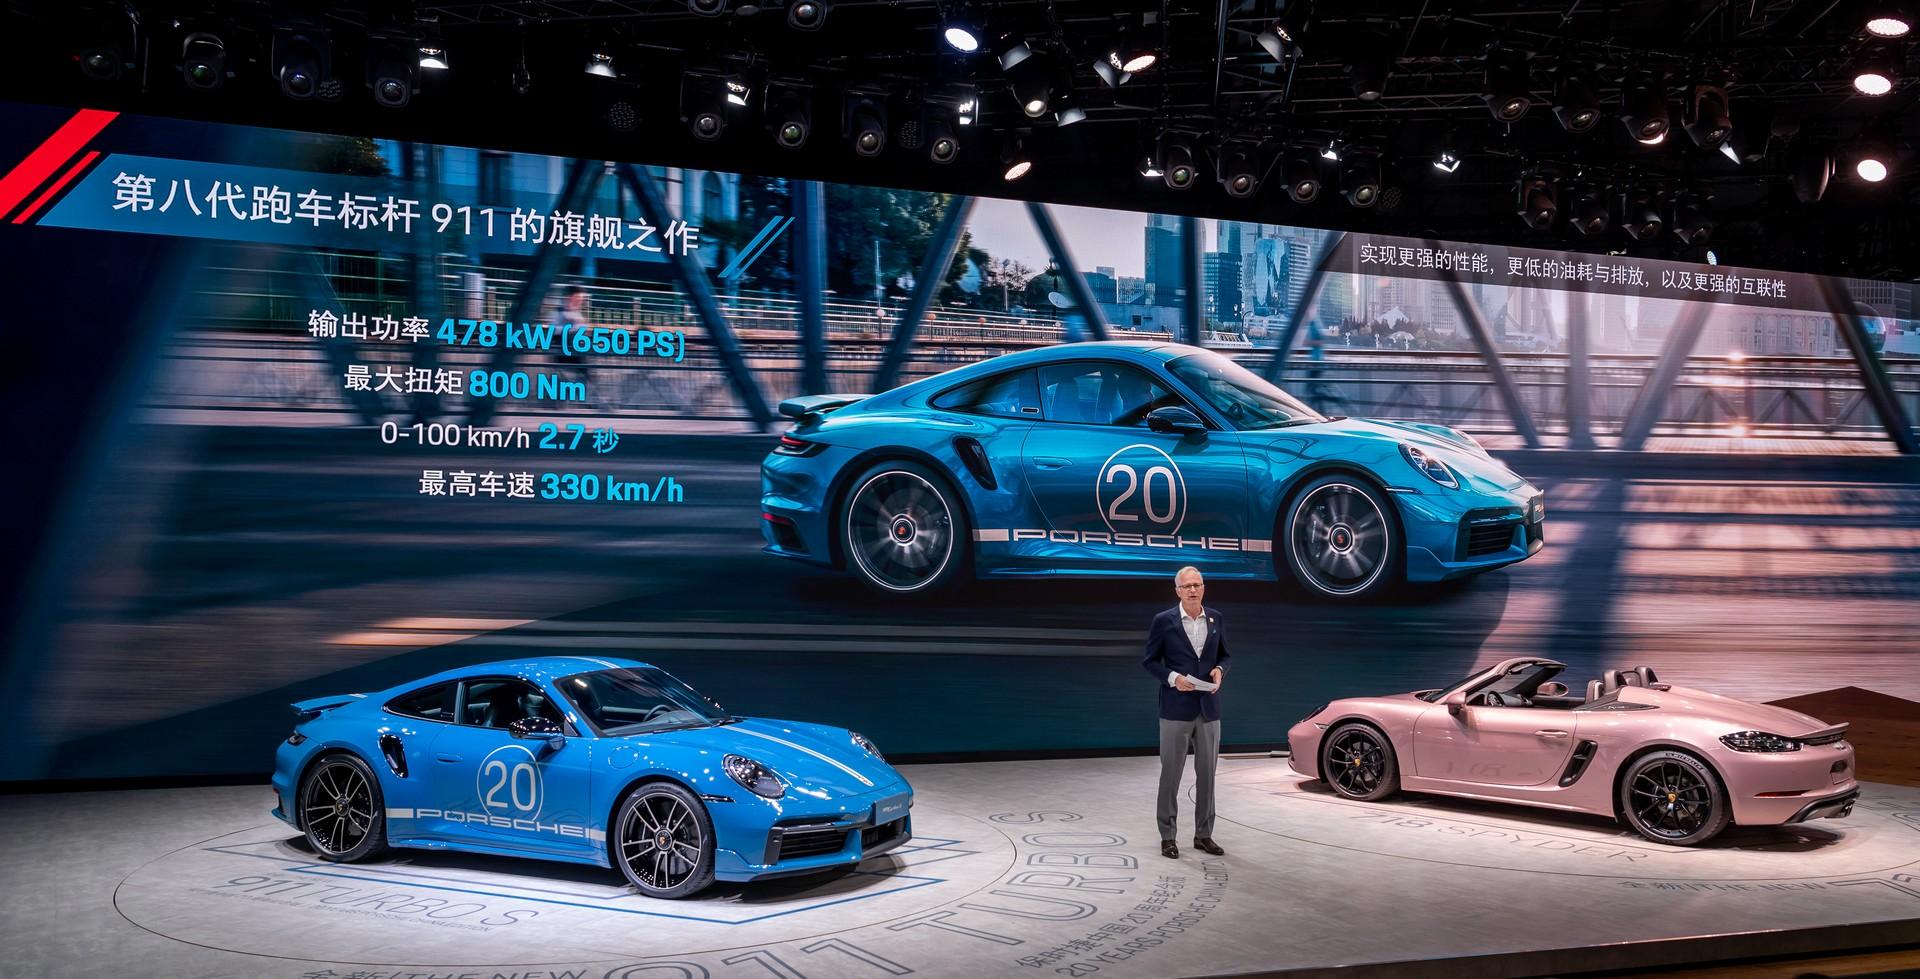 Porsche-911-Turbo-S-20th-Anniversary-Edition-3